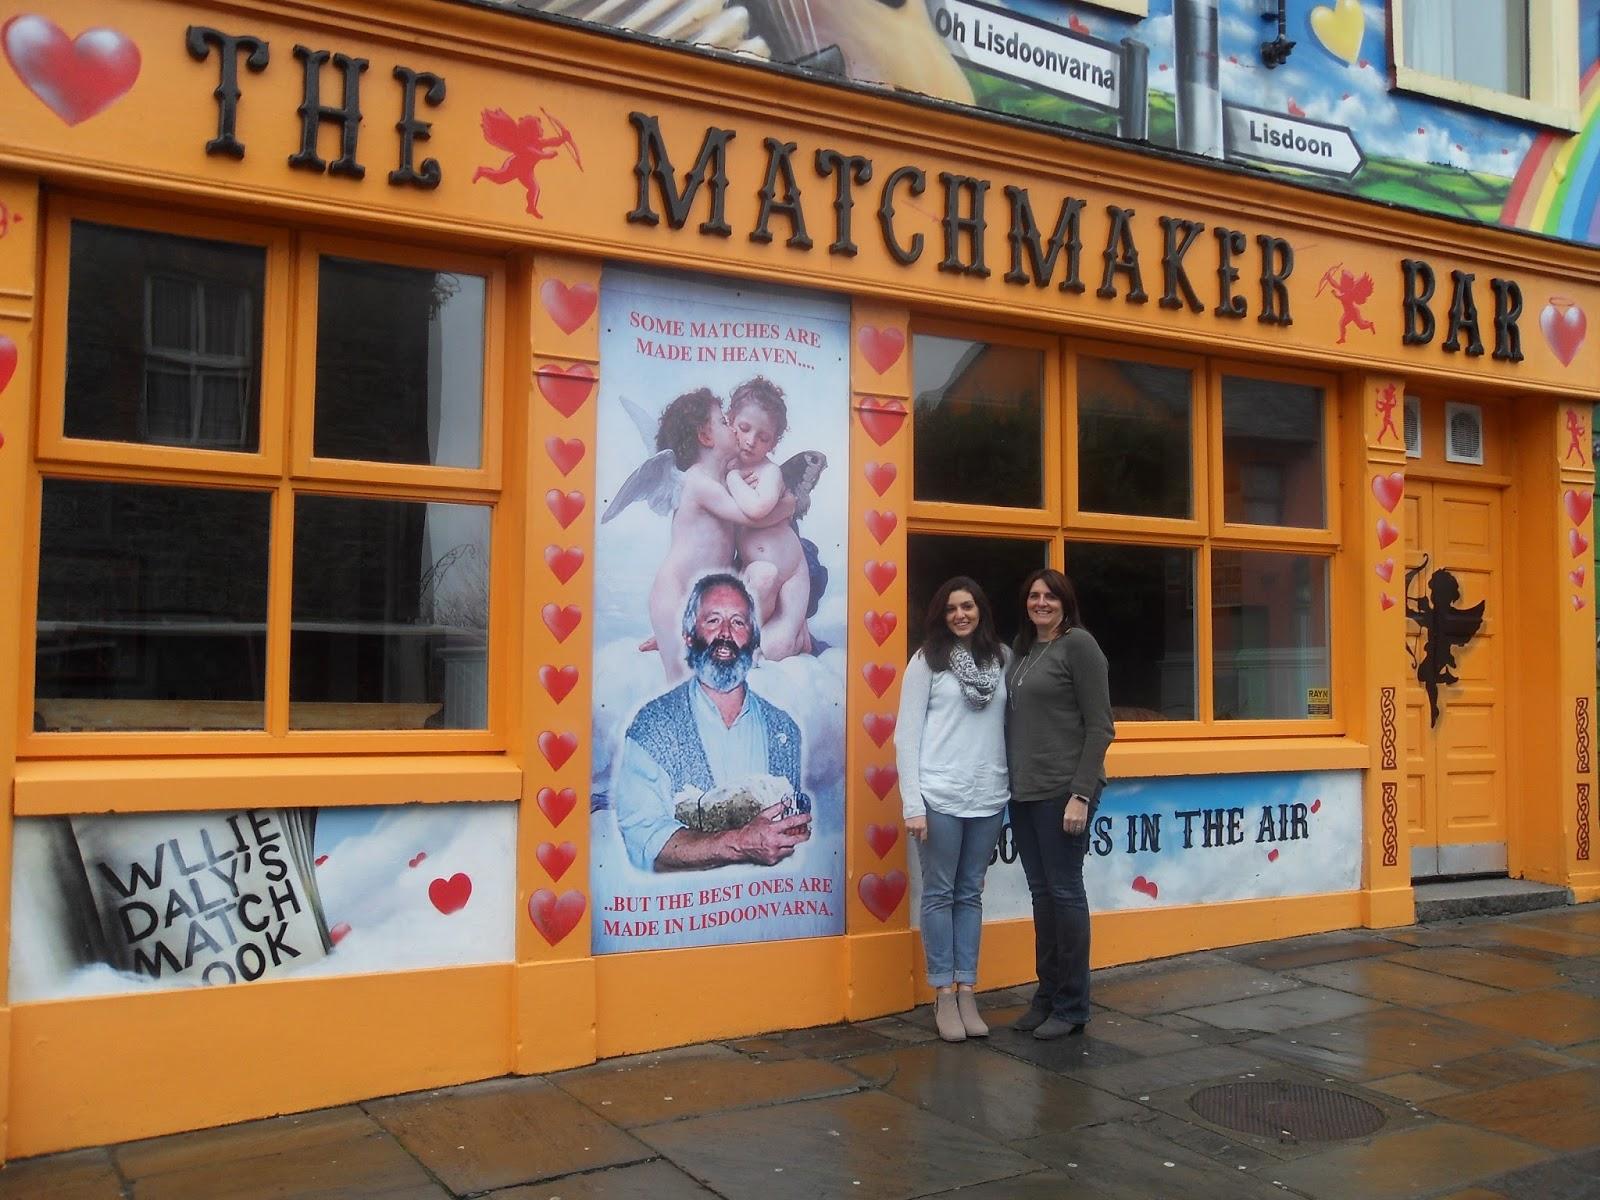 Mer från Belfast matchmaking